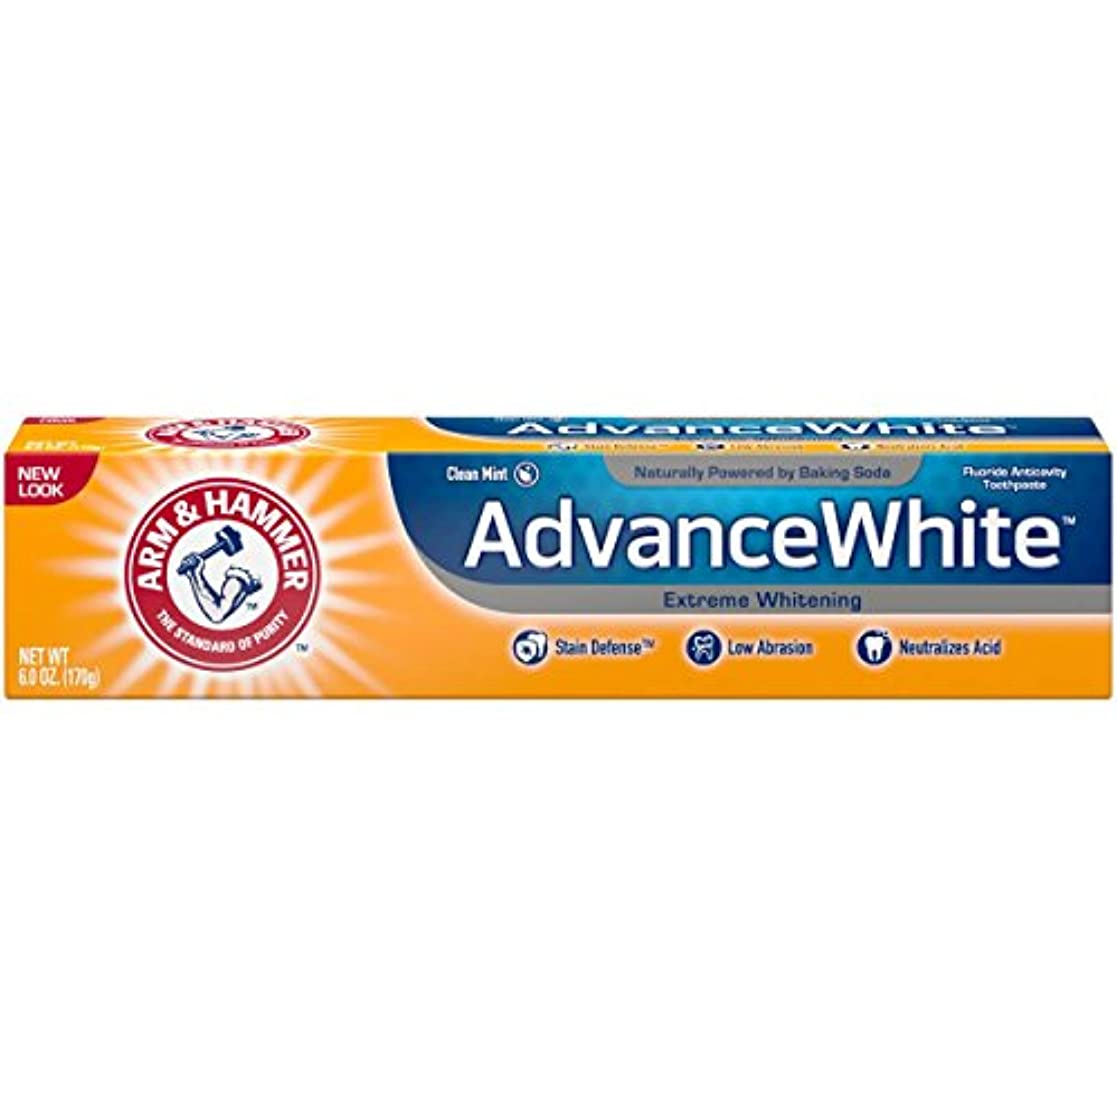 ターゲットピカソ四分円Arm & Hammer アドバンスホワイトエクストリームホワイトニングで染色防衛の歯磨き粉、6オズ(3パック) 3パック